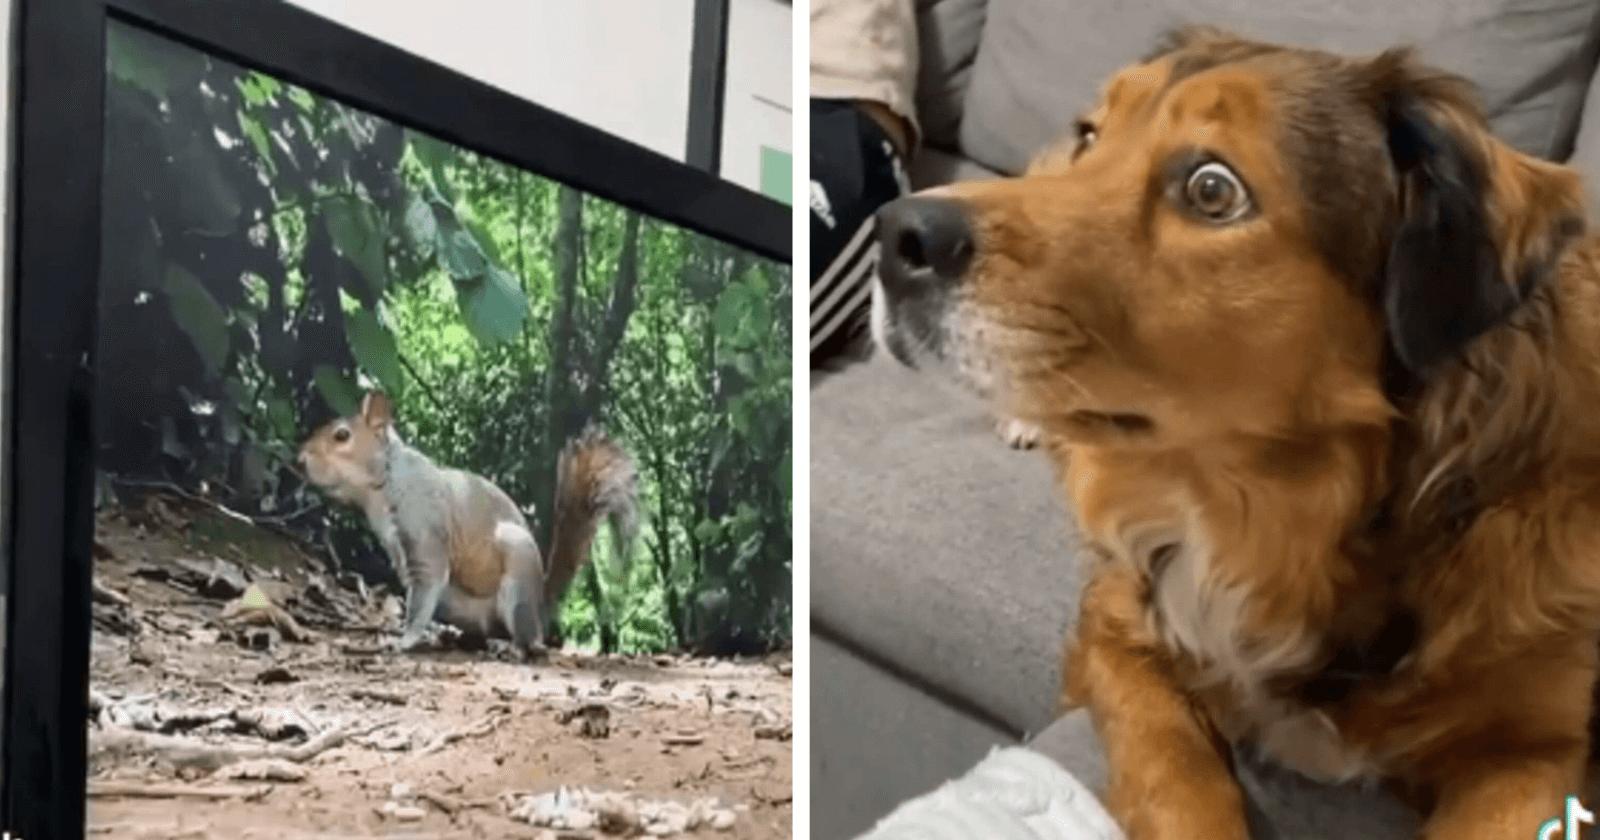 VIRAL: Cadela tem reação ASSUSTADORA e hilária ao ver cena de esquilos na TV